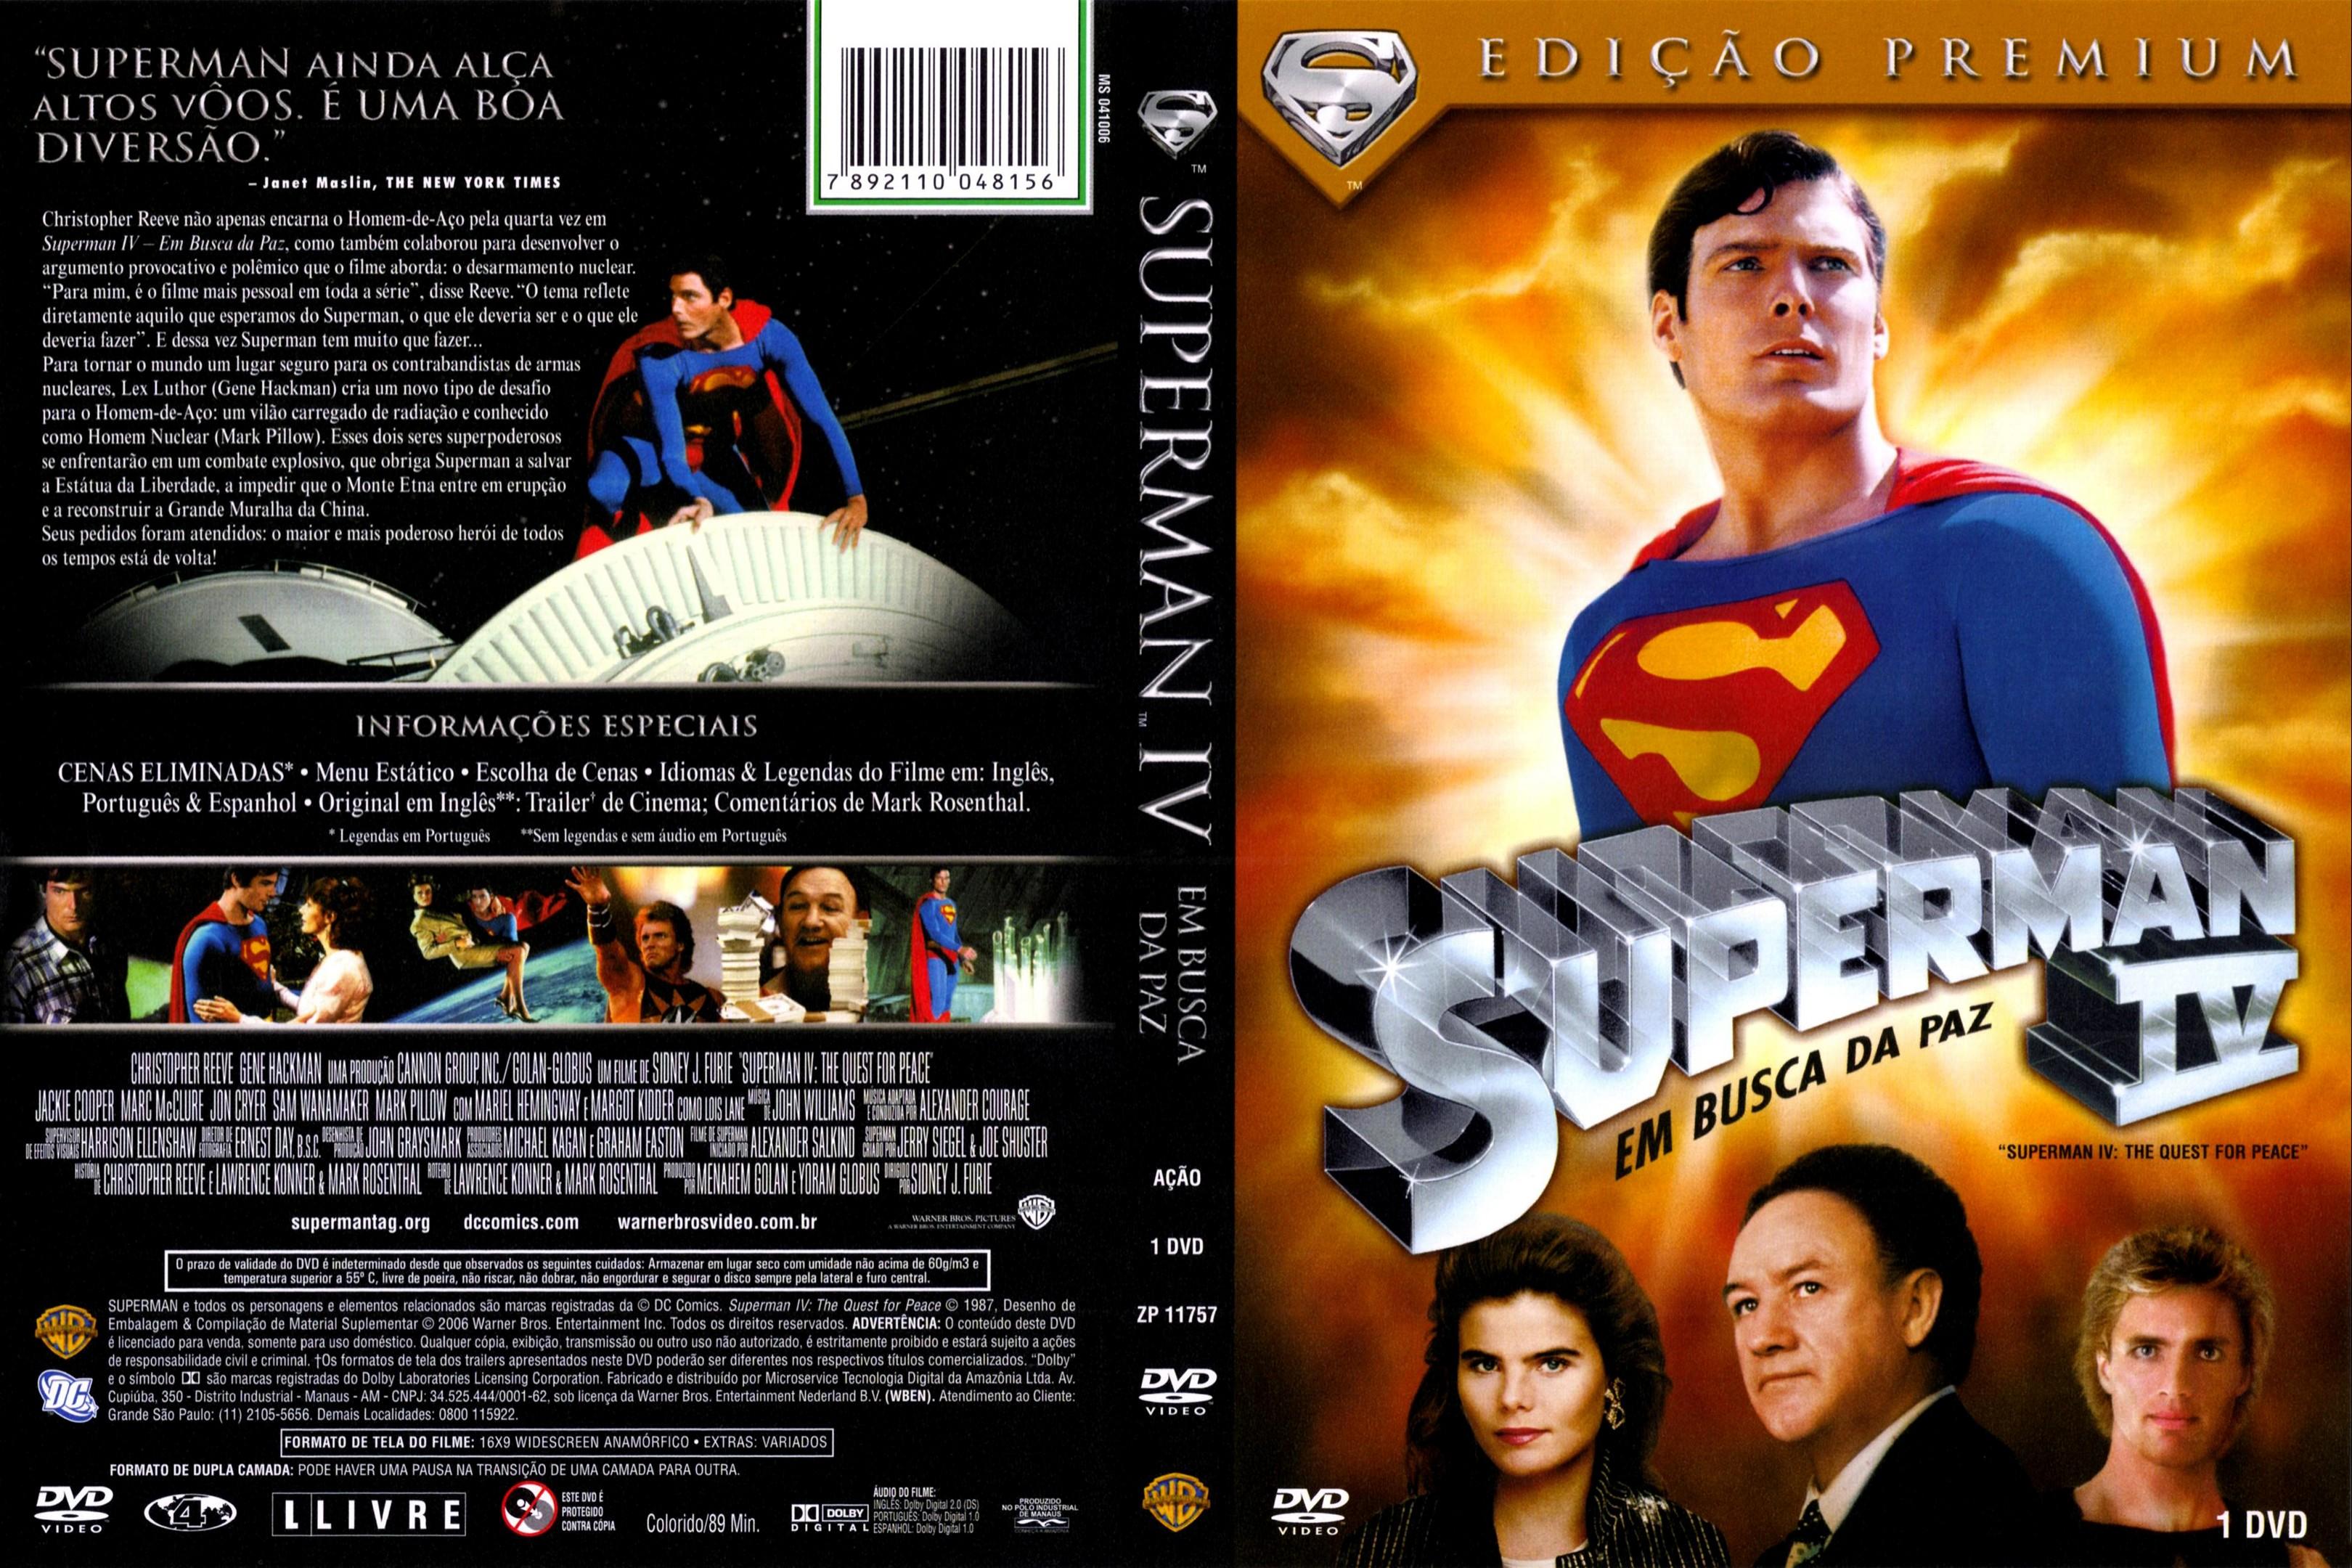 SupermanIVEmBuscadaPaz